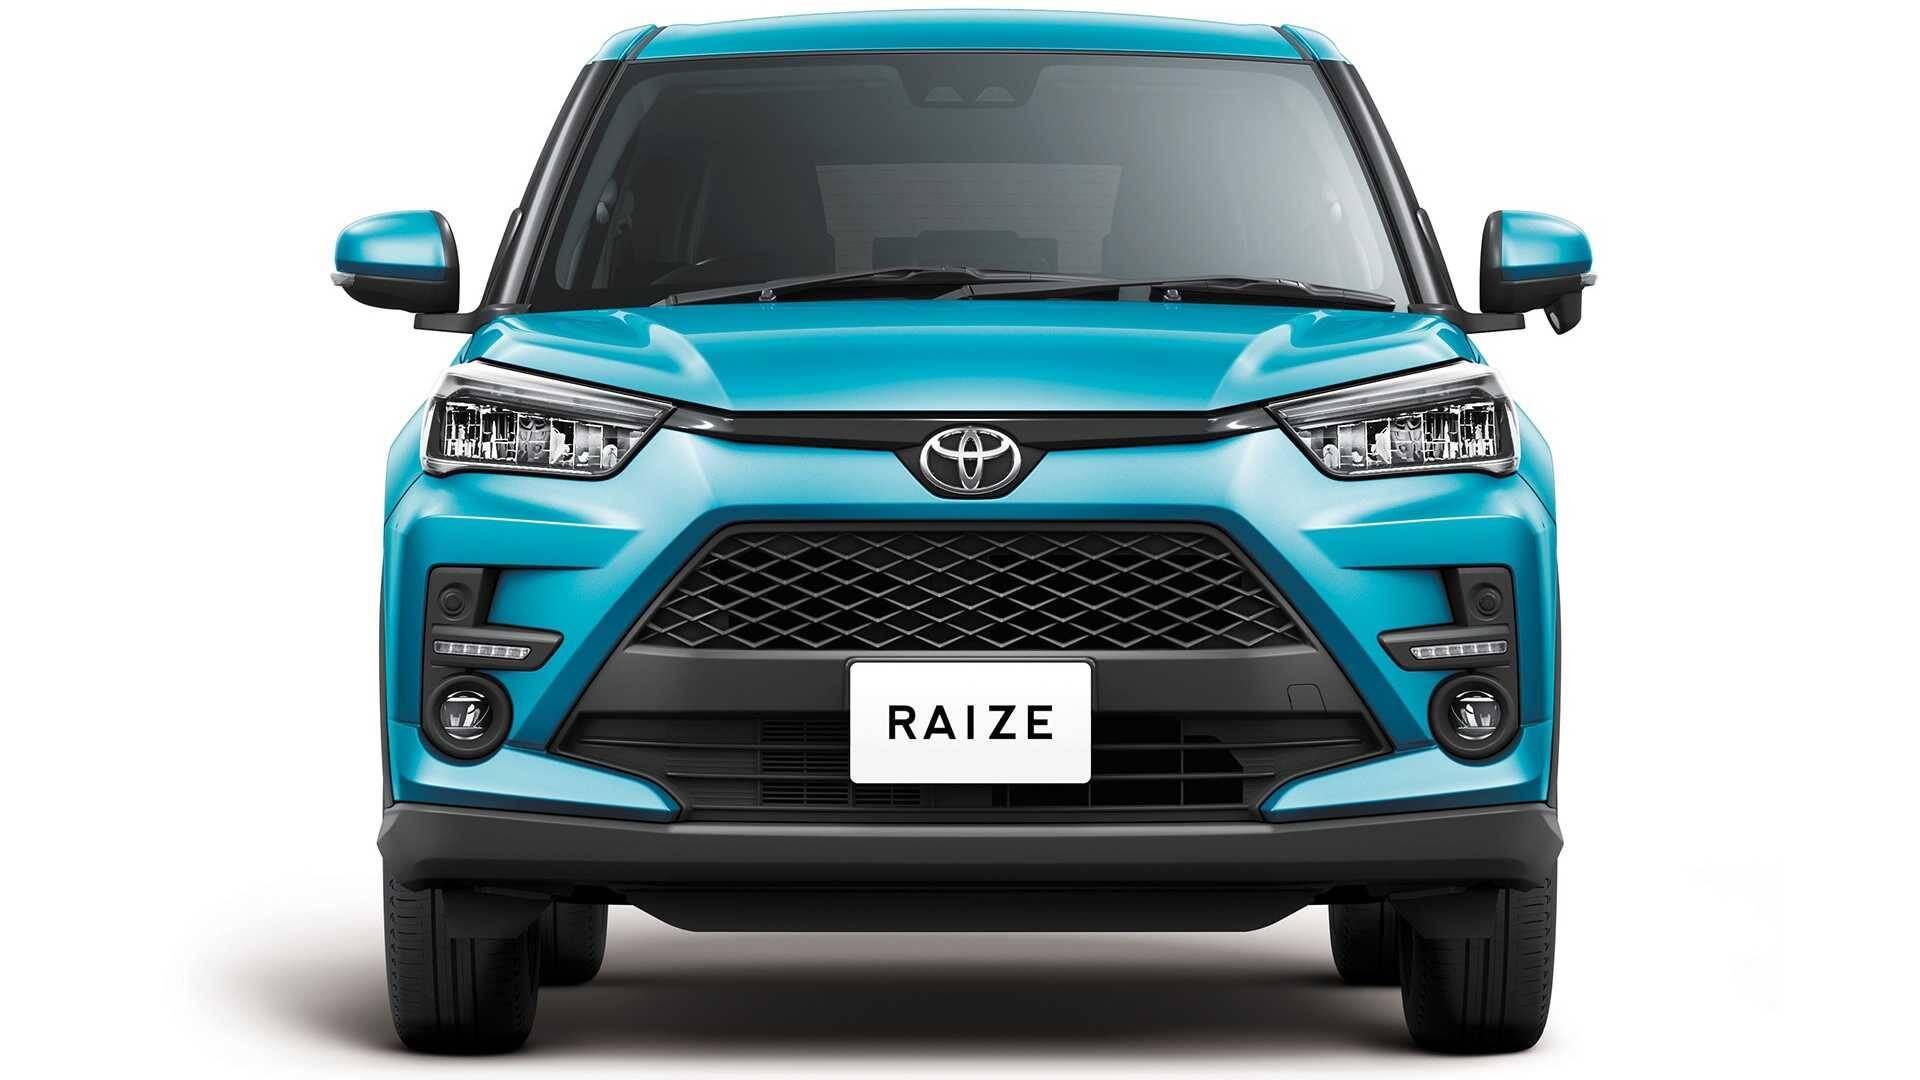 Toyota Raize. Foto: Divulgação